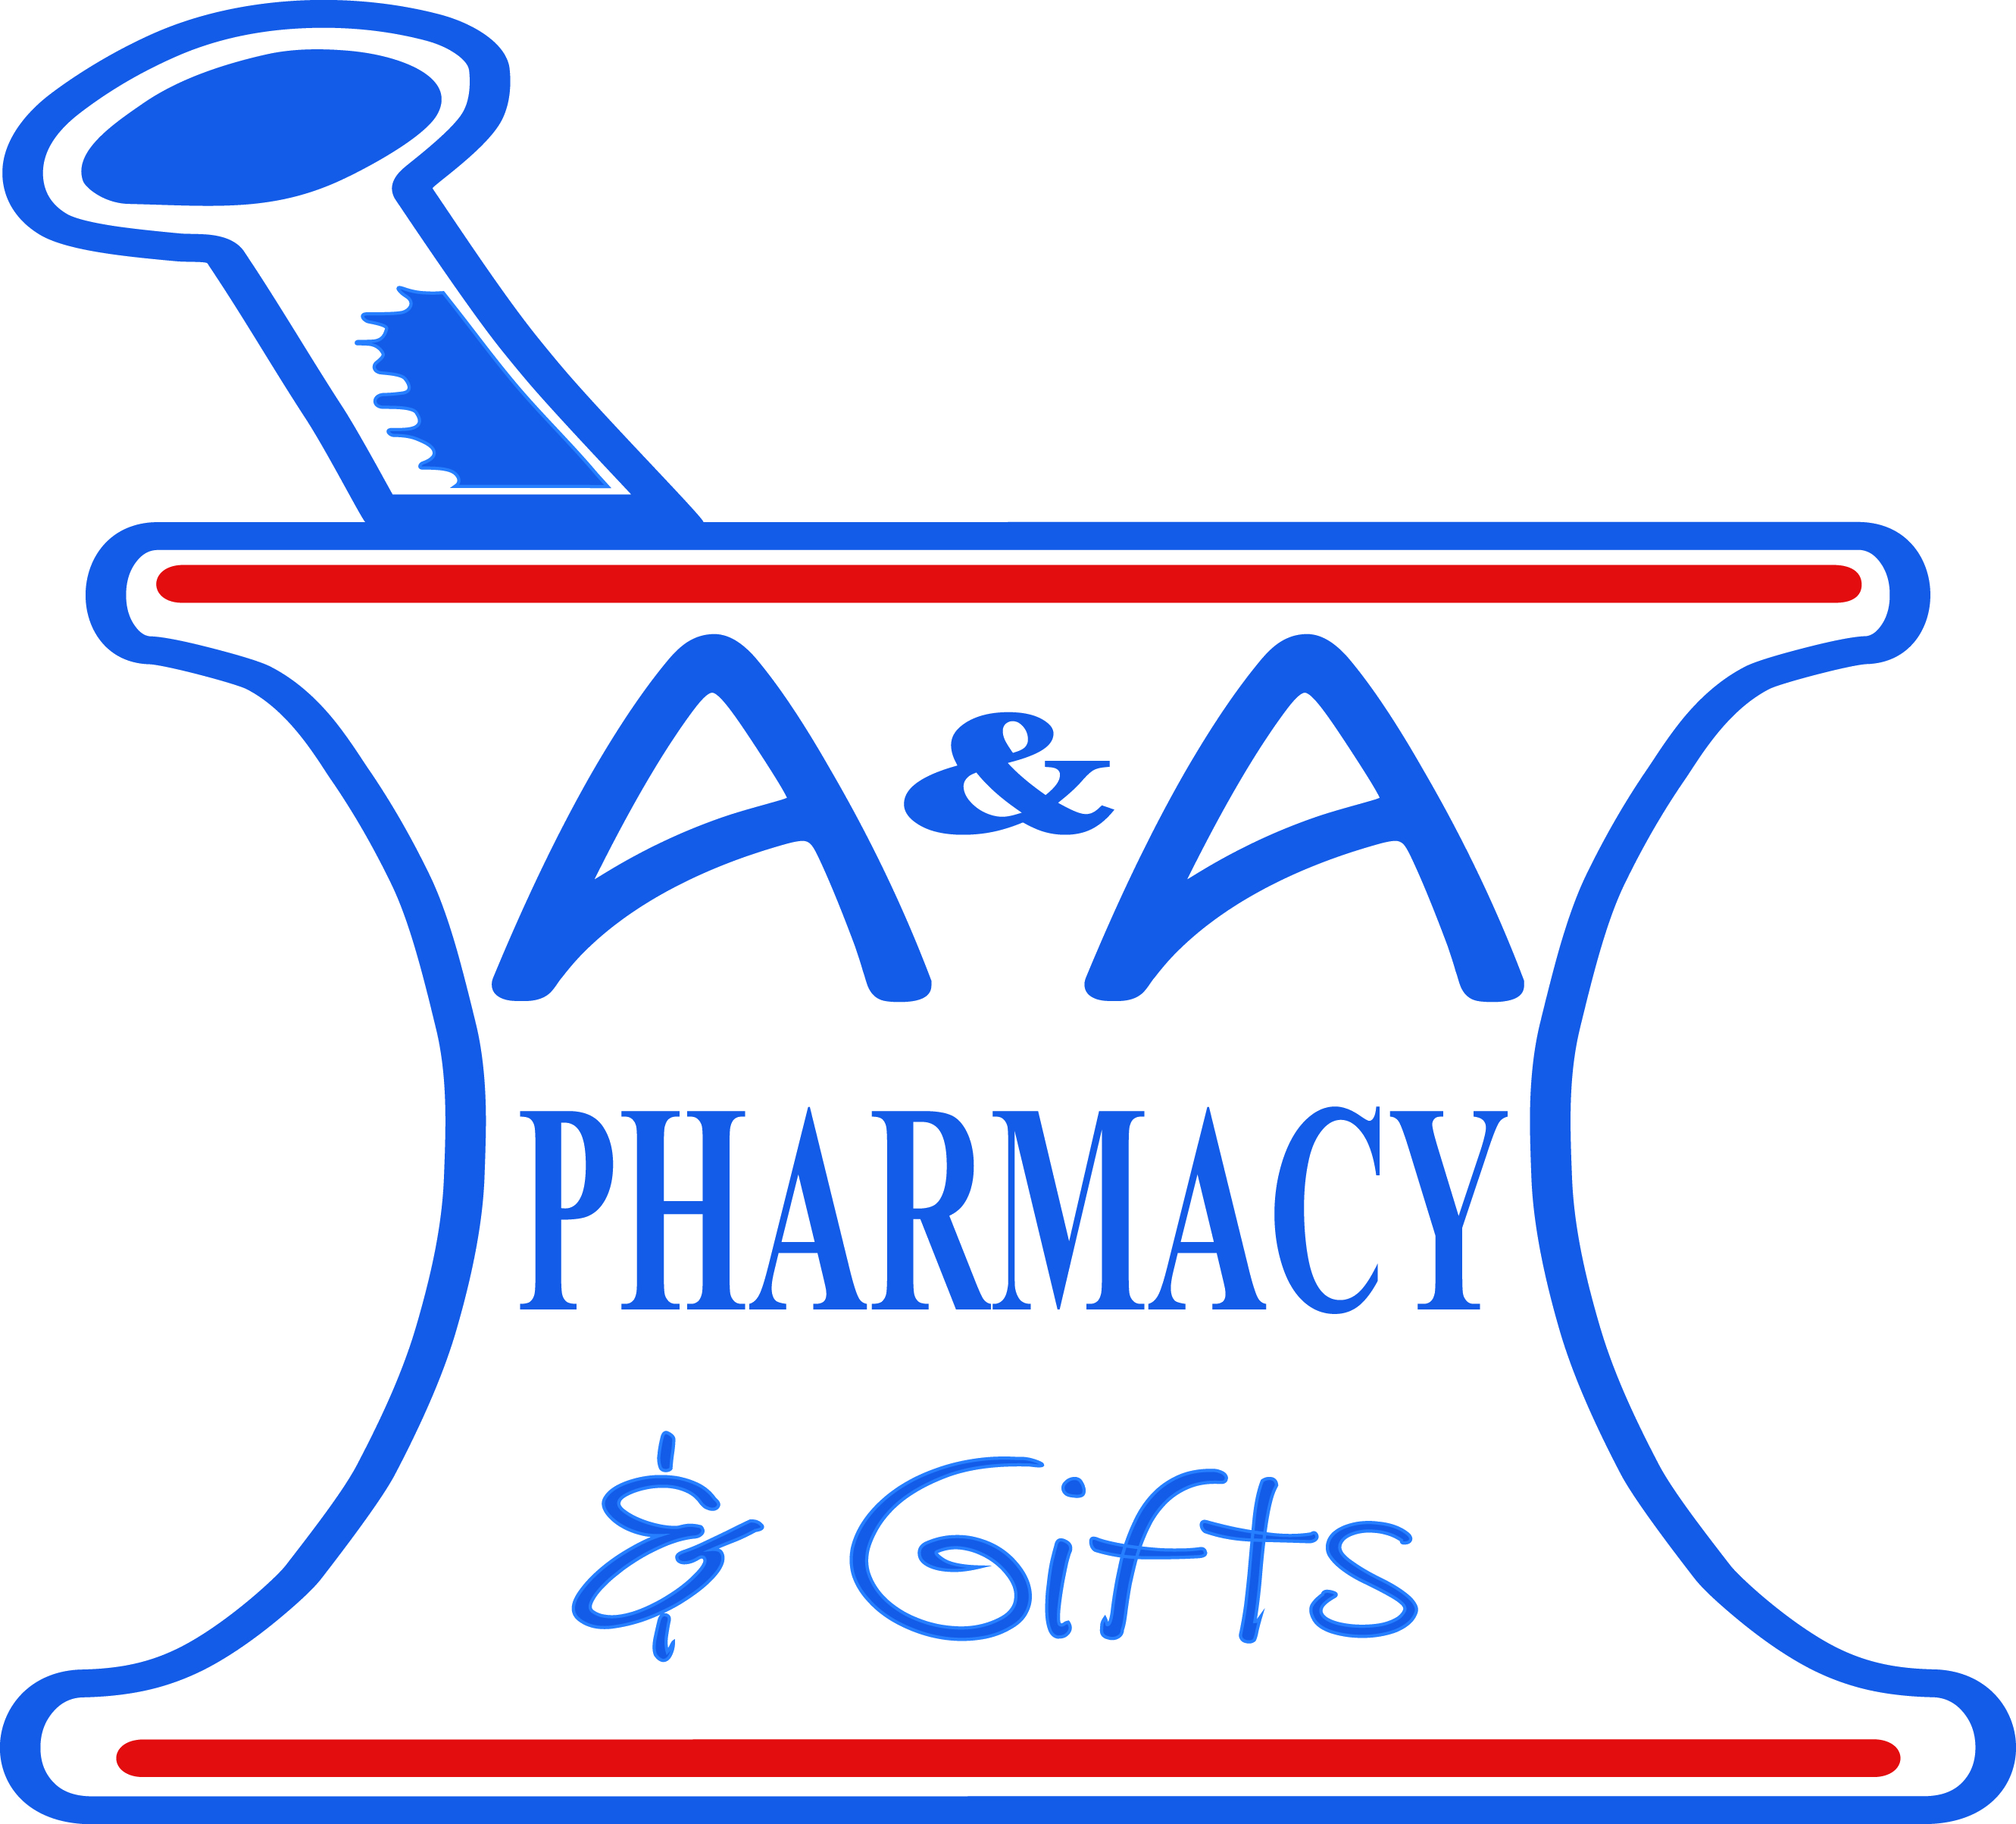 A & A Pharmacy